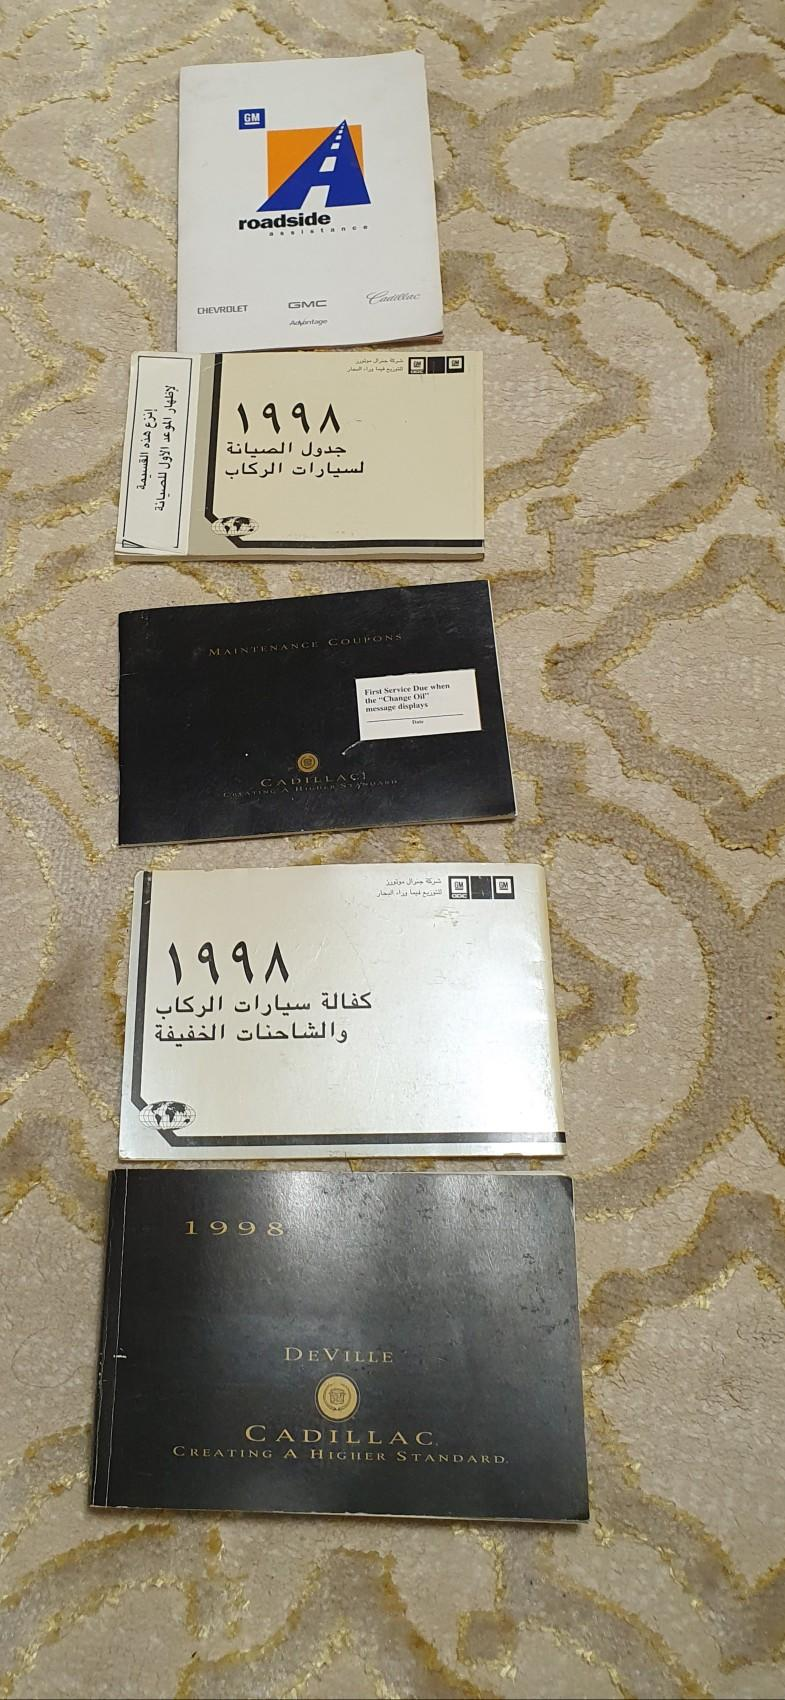 كتالوجات وأوراق كاديلاك ديفيل 1998